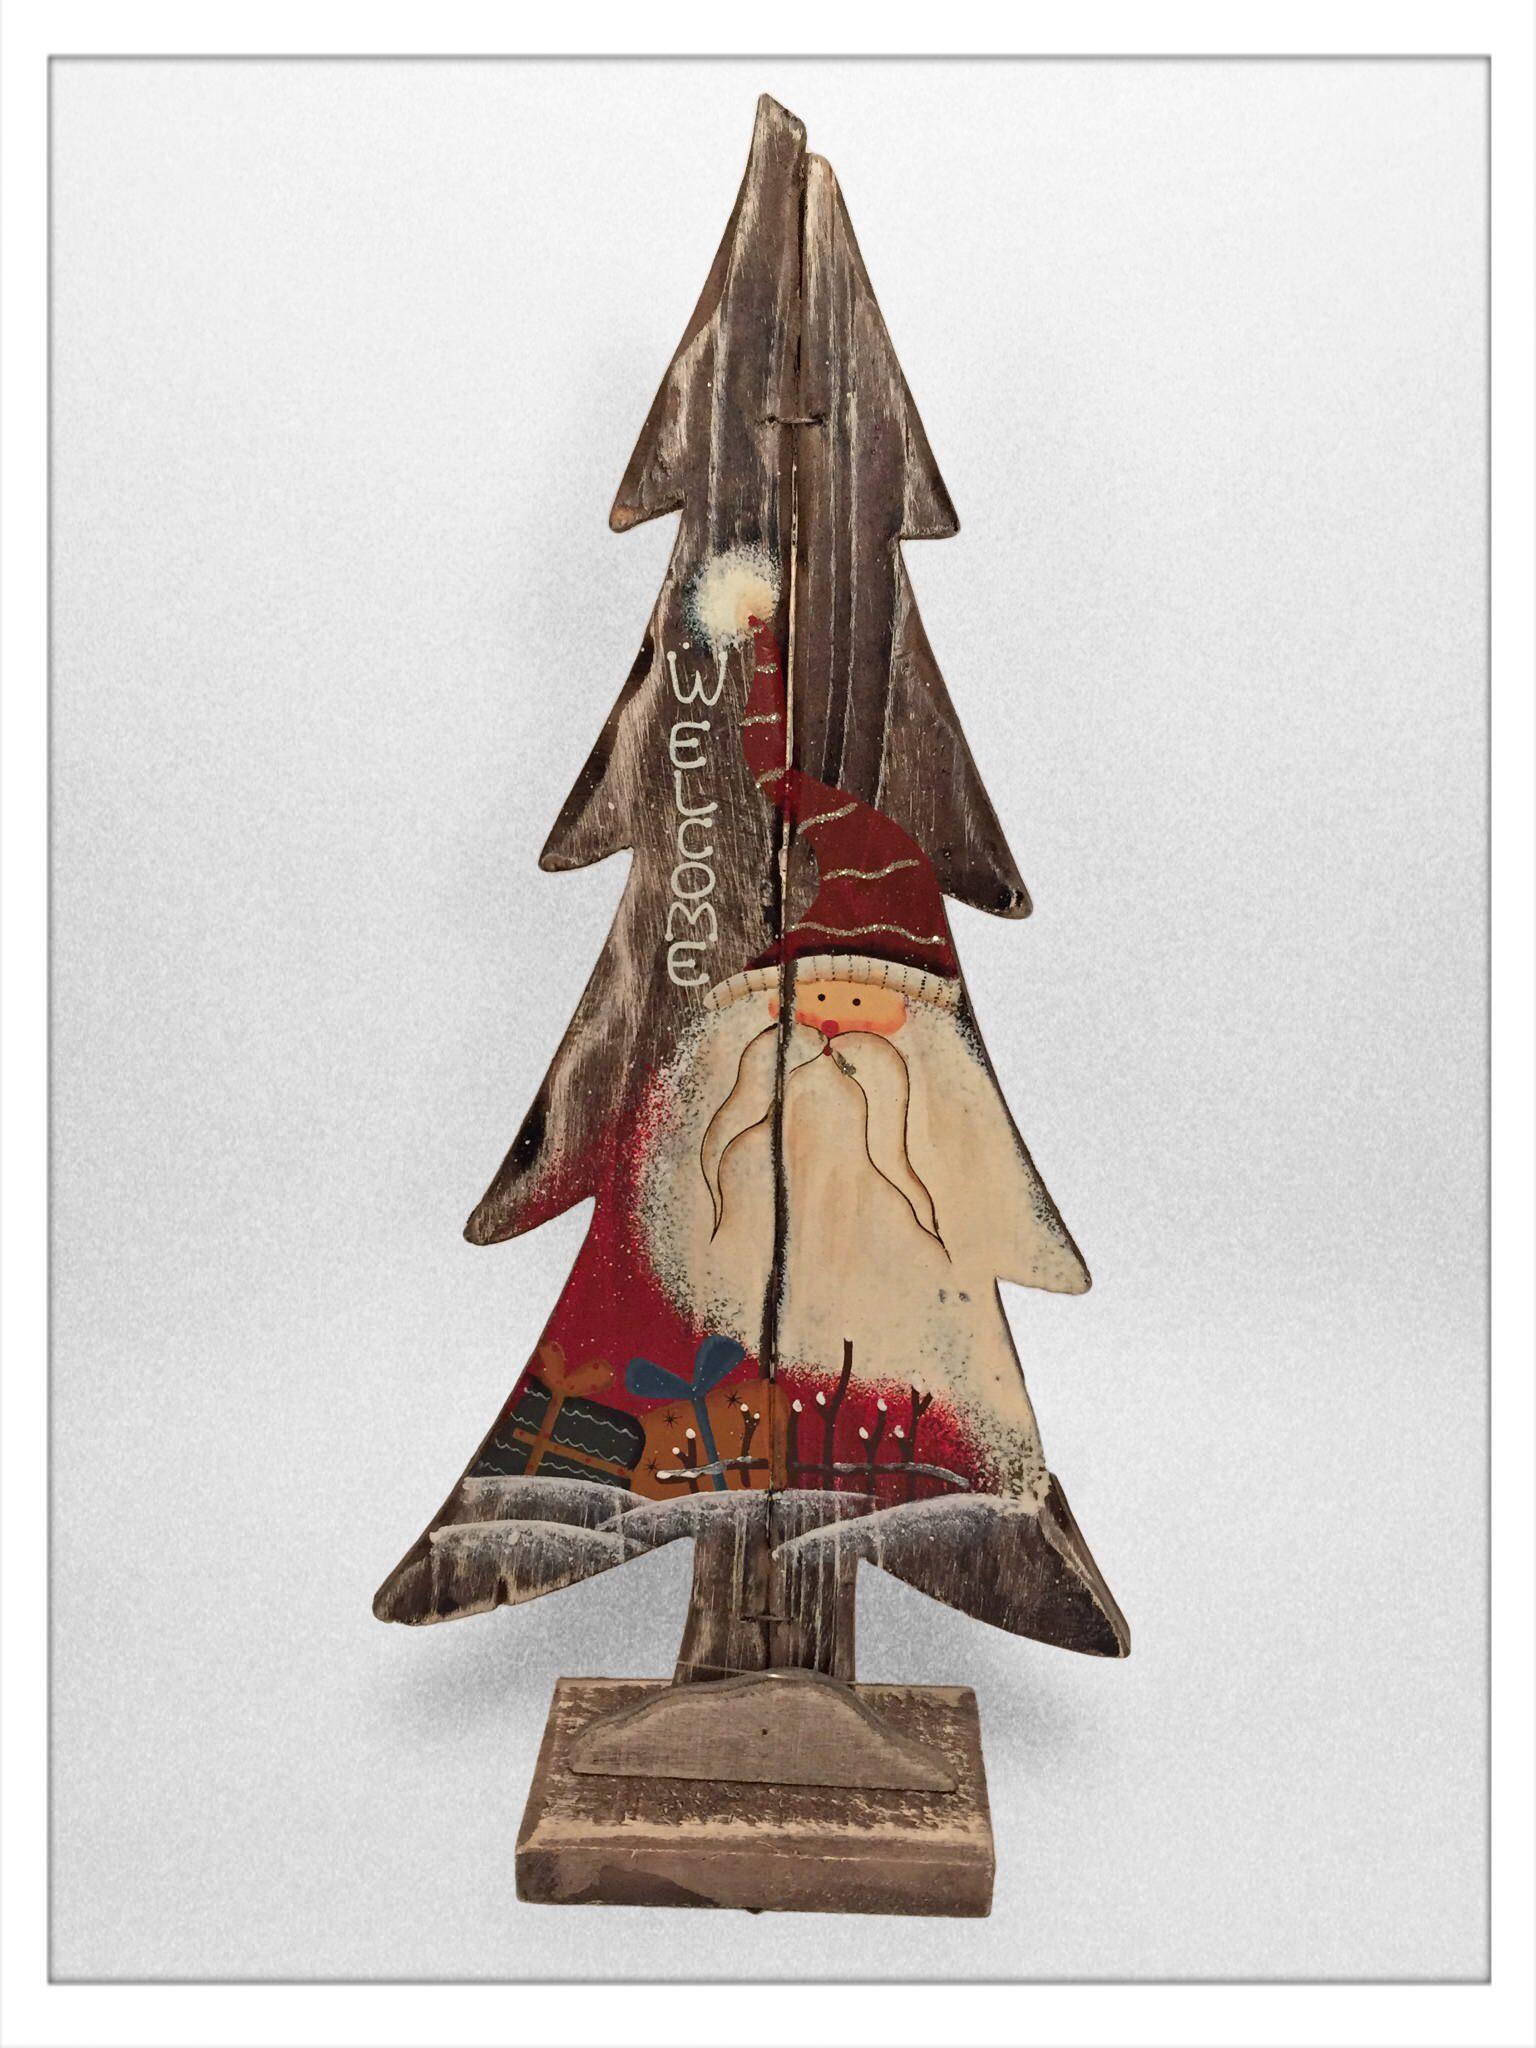 Weihnachtsmann deko aussen weihnachtsmann deko aussen for Top deko shop